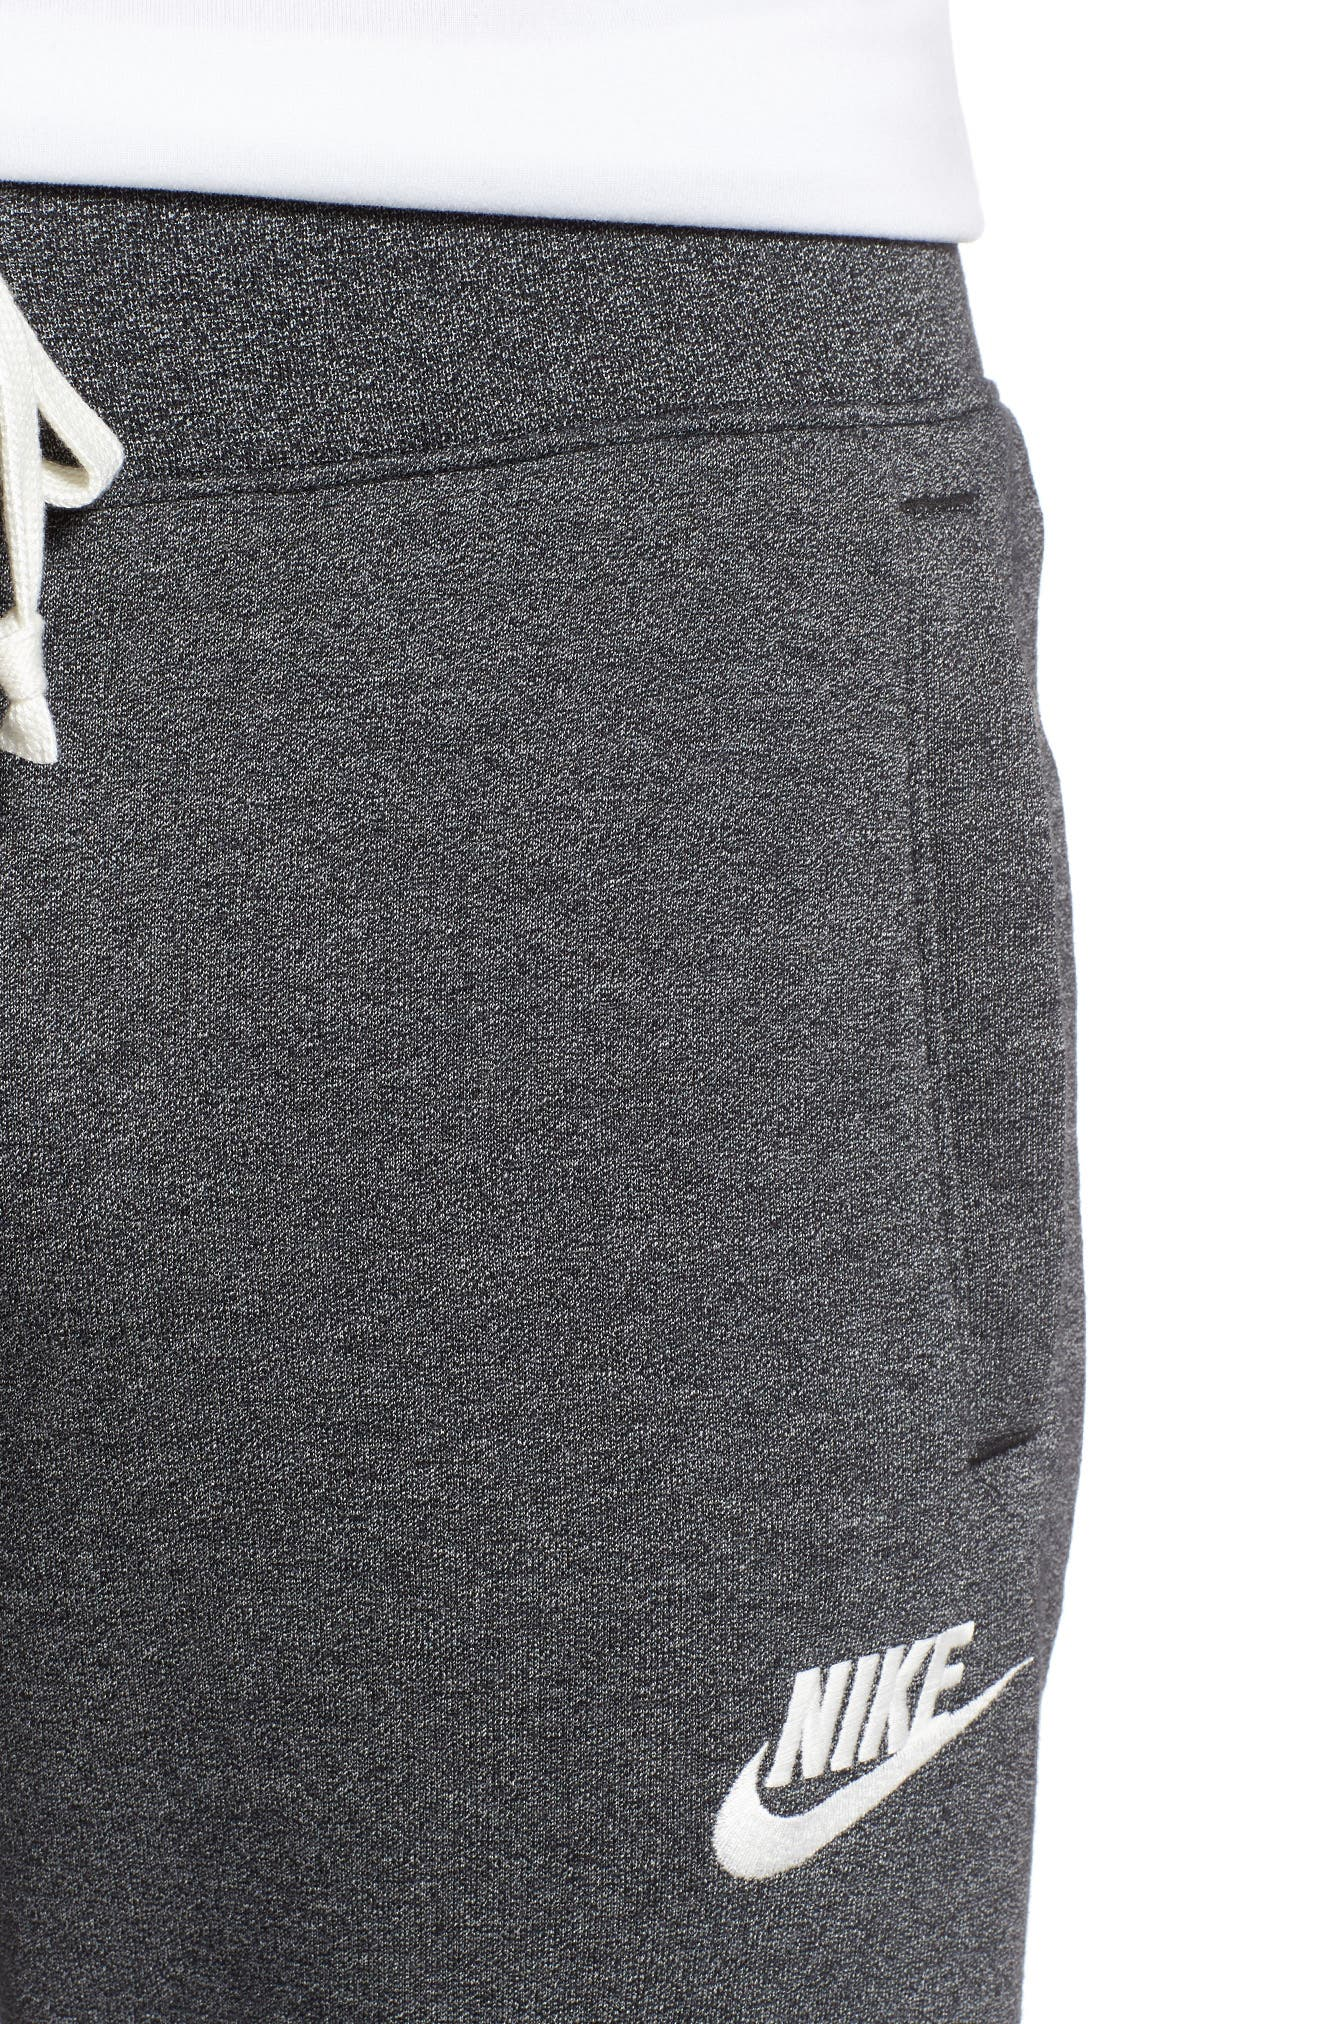 Heritage Jogger Pants,                             Alternate thumbnail 4, color,                             BLACK/ HEATHER/ SAIL